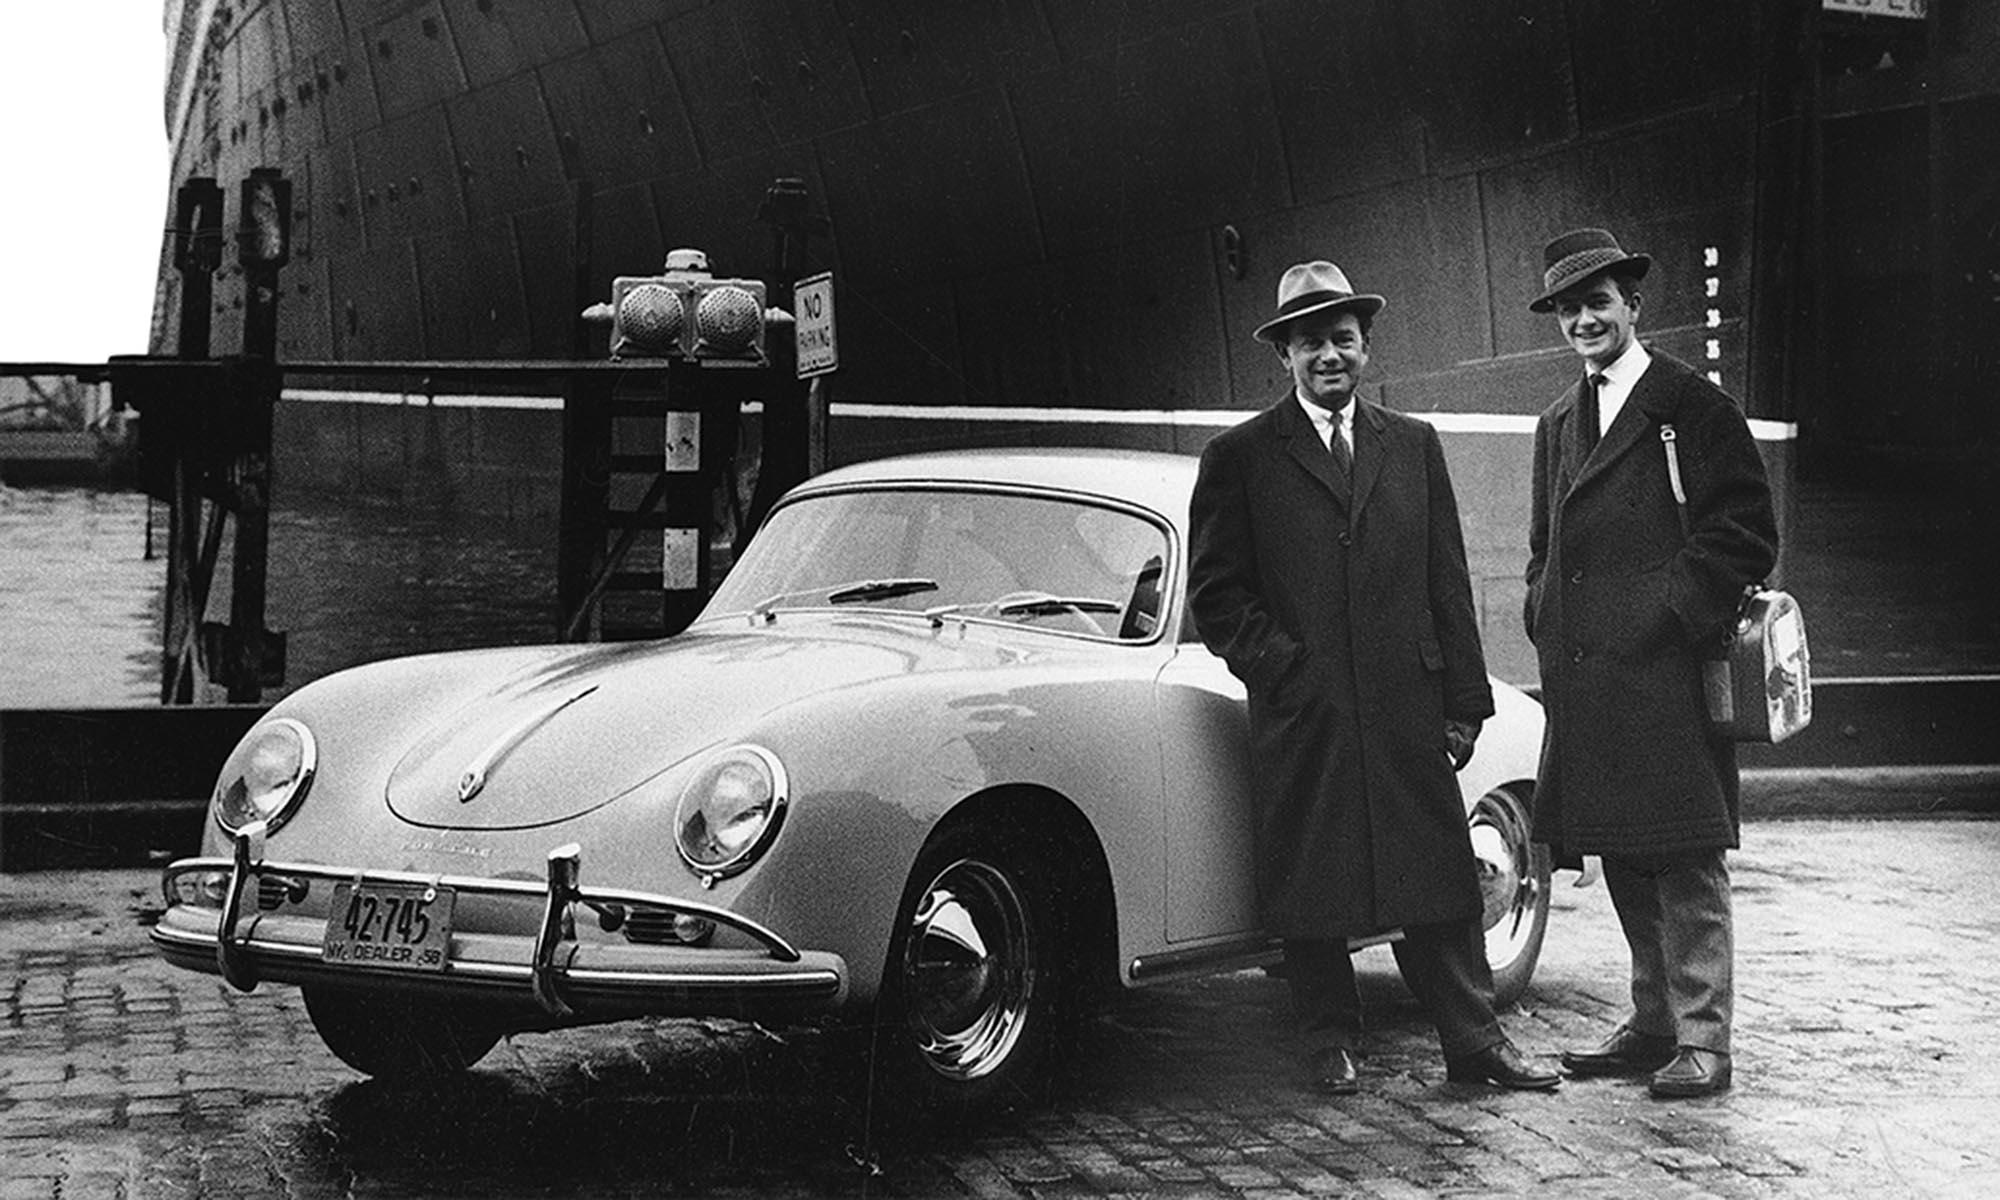 Amikor A Porscherol Is A Volkswagen Jut Eszedbe Az Online Ferfimagazin